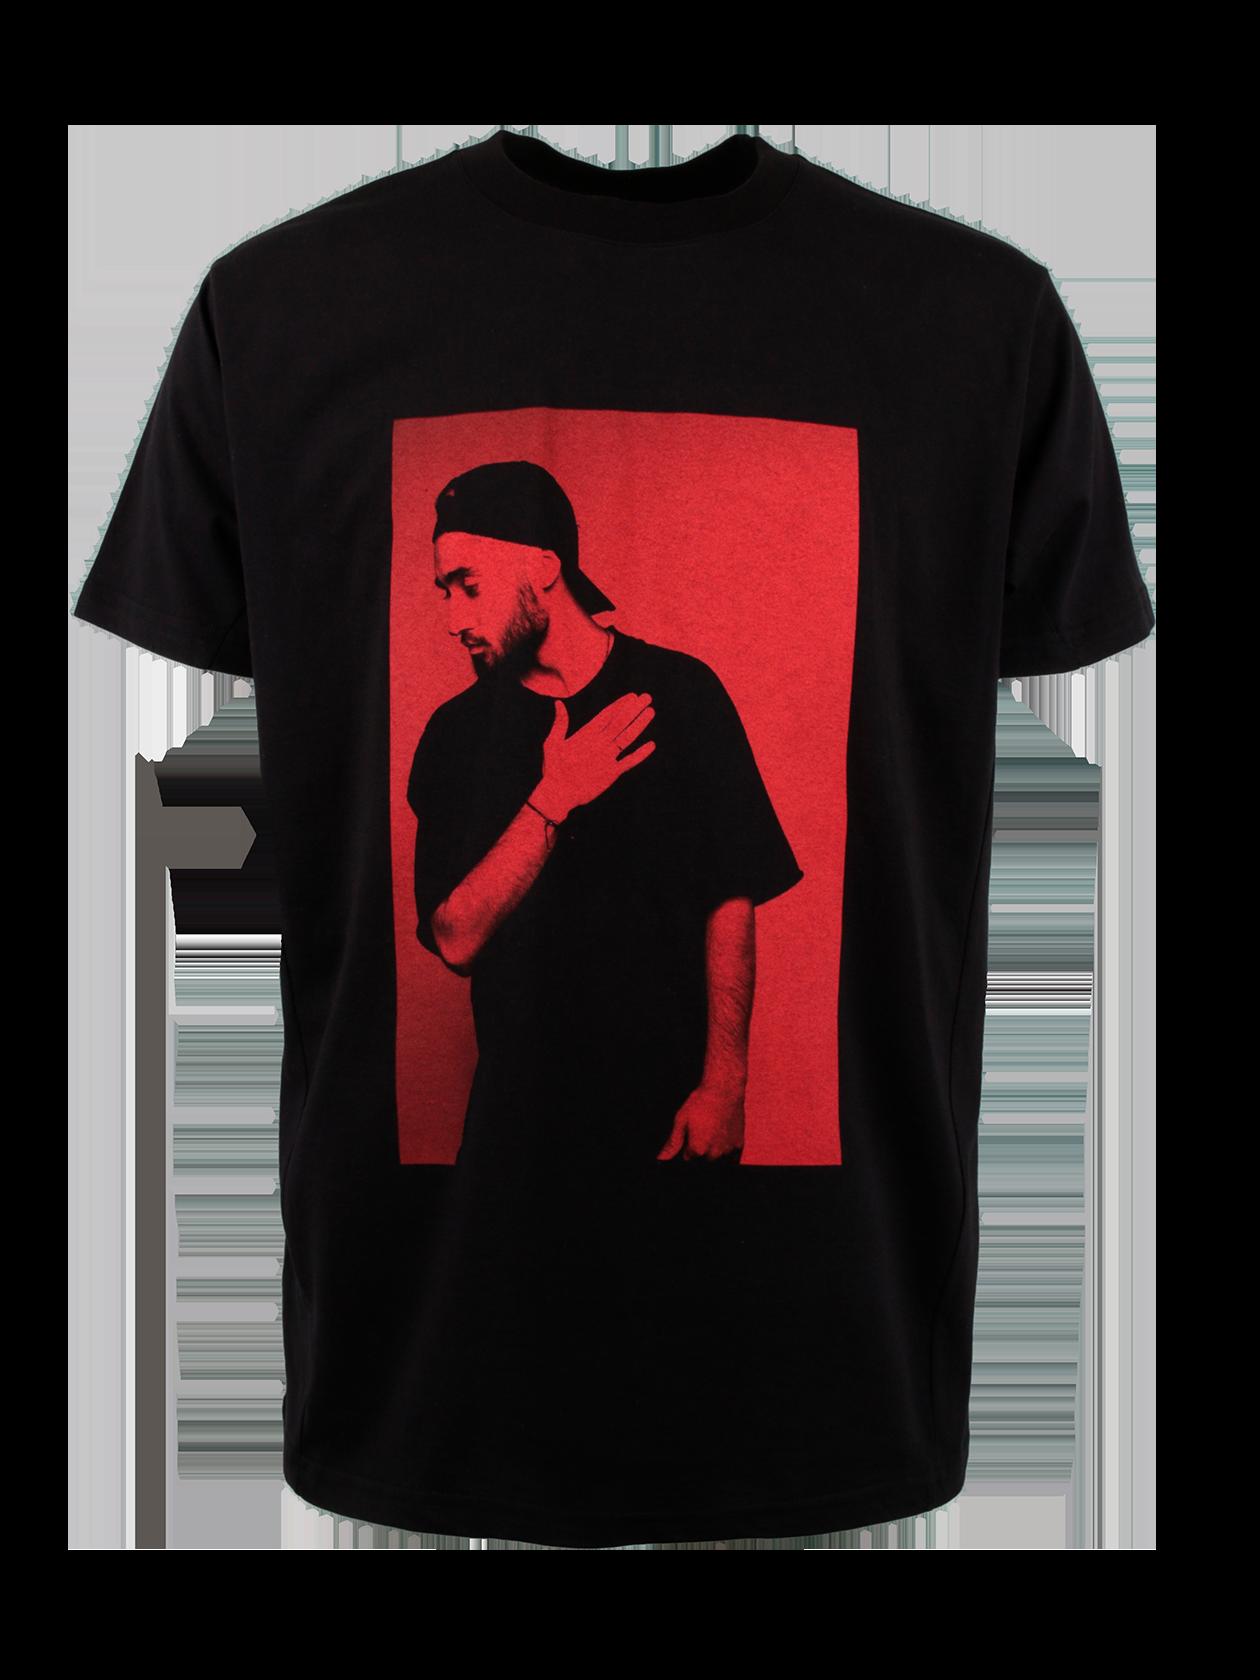 Футболка унисекс MOT STELET REDФутболка унисекс Mot Stelet Red из нового мерча Мота – стильная вещь для создания уникального стиля. Модель лаконичного дизайна выполнена в черном цвете. Удлиненный свободный силуэт дополнен широким коротким рукавом. Неглубокая горловина с эластичной окантовкой содержит жаккардовую нашивку с лейблом бренда Black Star Wear. Эффектная фишка изделия – принт с фотографией популярного артиста на красном фоне и небольшая надпись Mot Crocus City Hall 2017 на спине. &amp;nbsp;<br><br>Размер: XL<br>Цвет: Черный<br>Пол: Унисекс